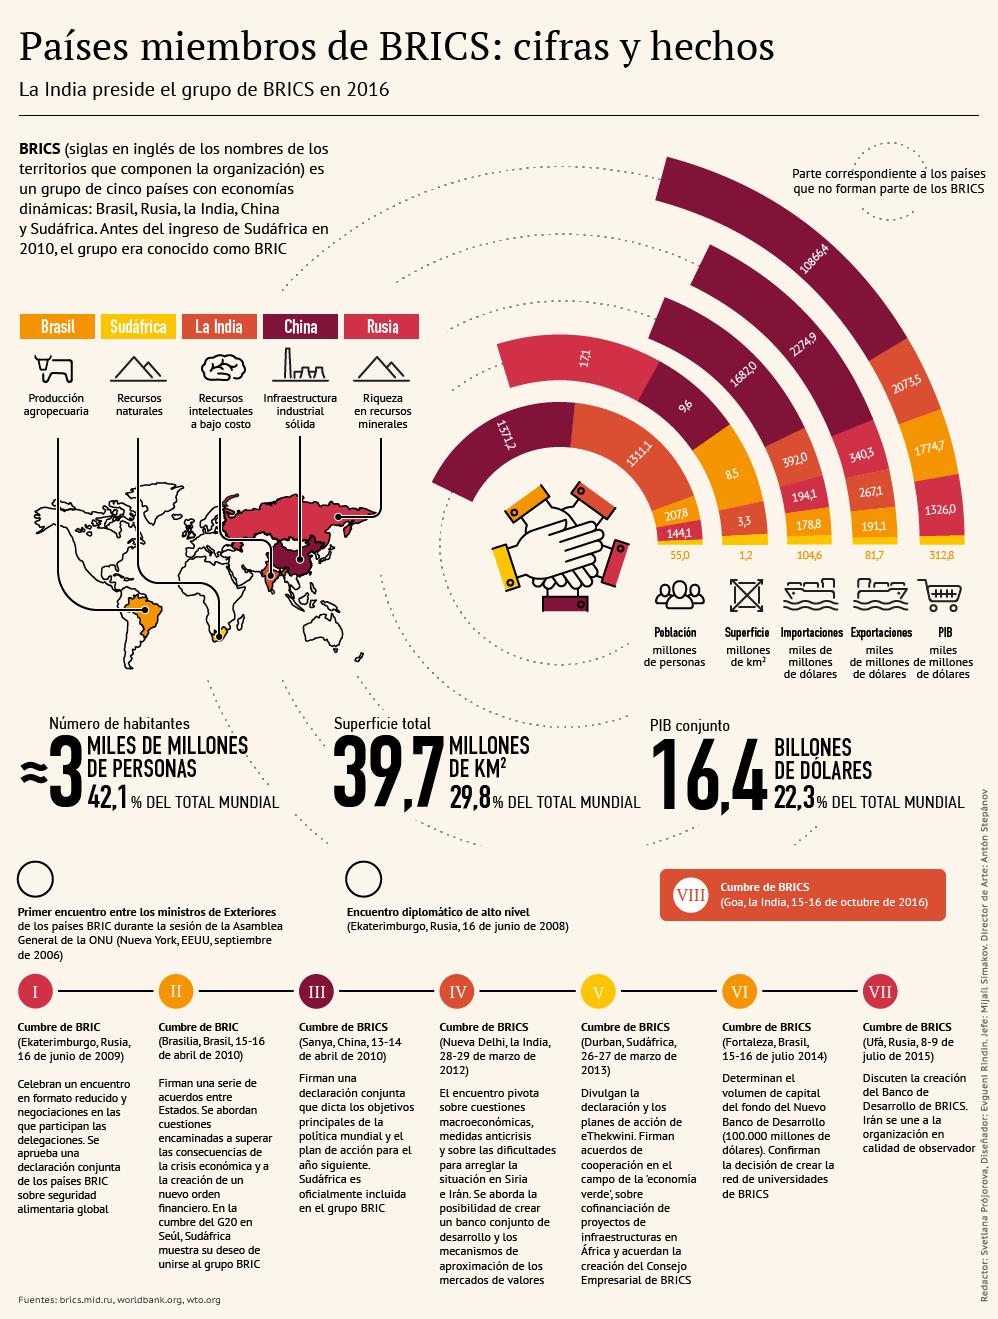 Países miembros de BRICS: cifras y hechos